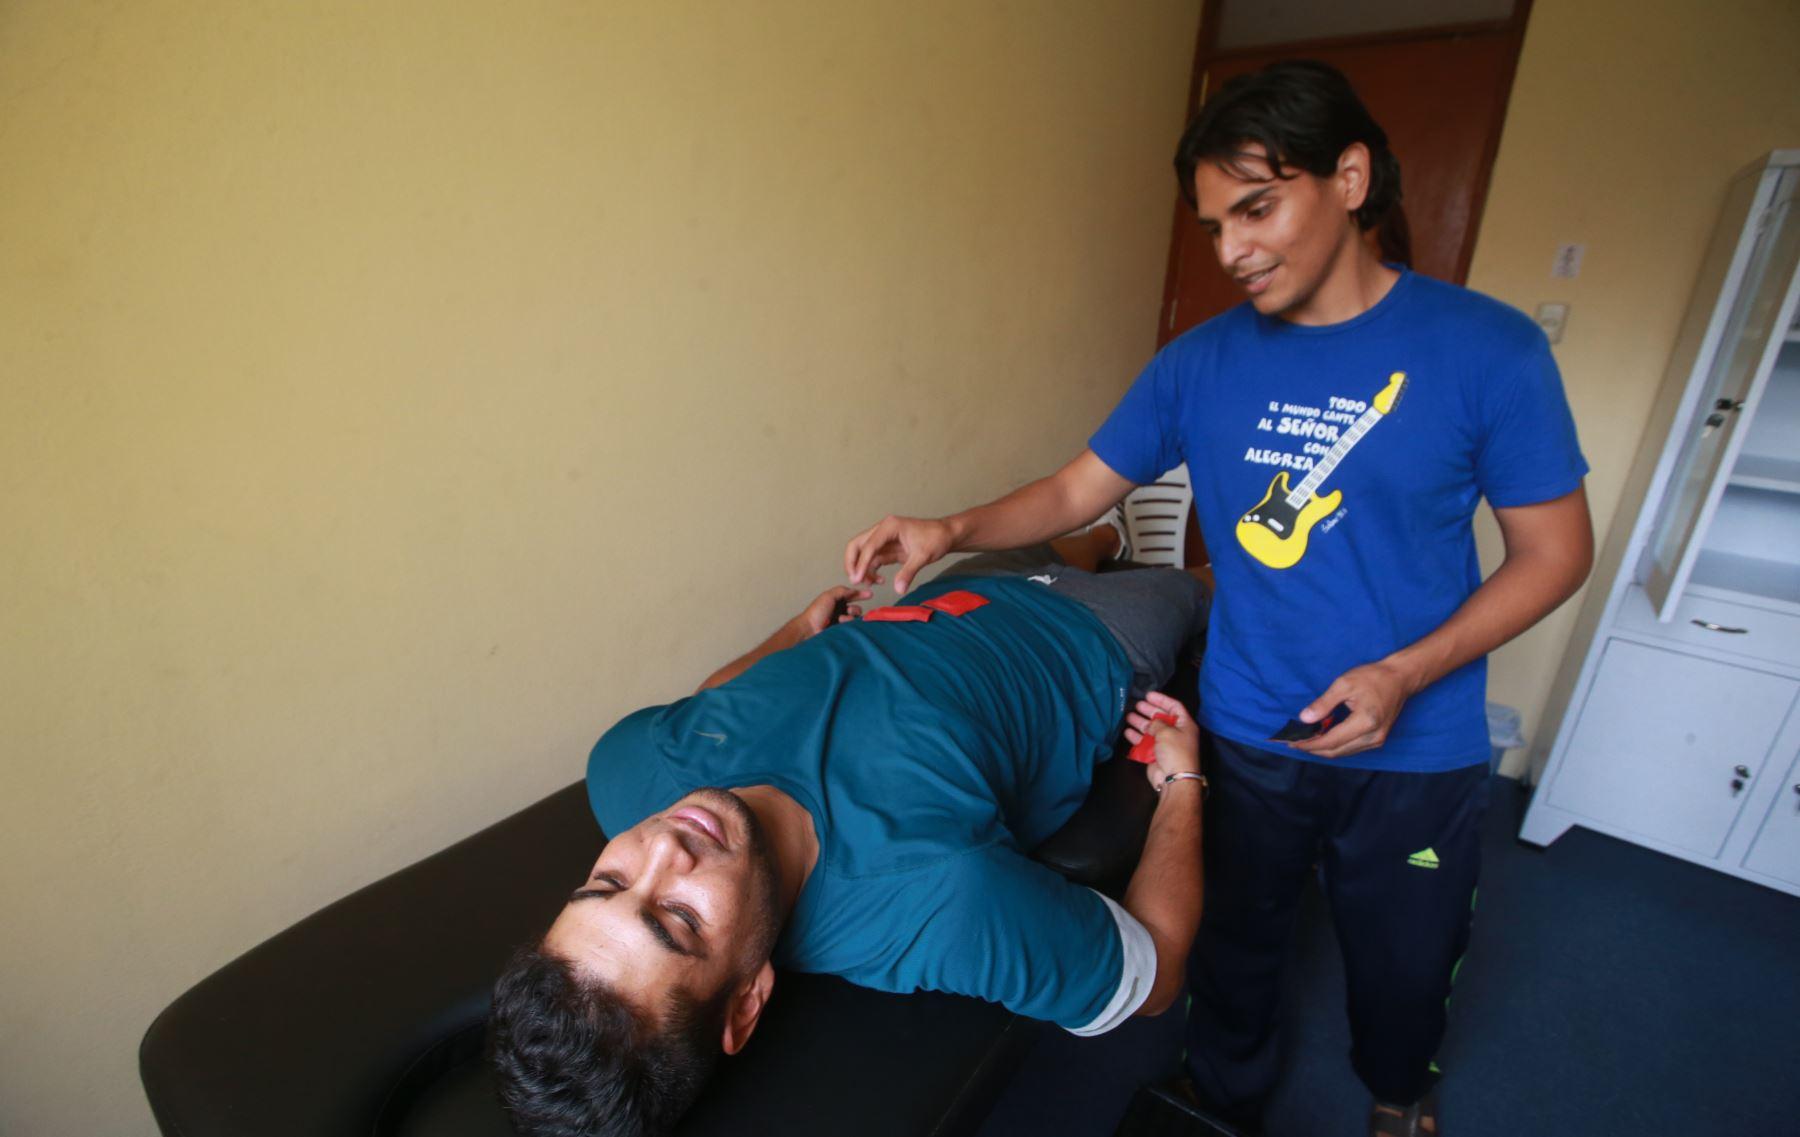 Jesús Sánchez y Jennifer Rivero, especialistas en medicina terapéutica natural, brindan servicios médicos a sus compatriotas. venezolano. Foto:ANDINA/Jhony Laurente